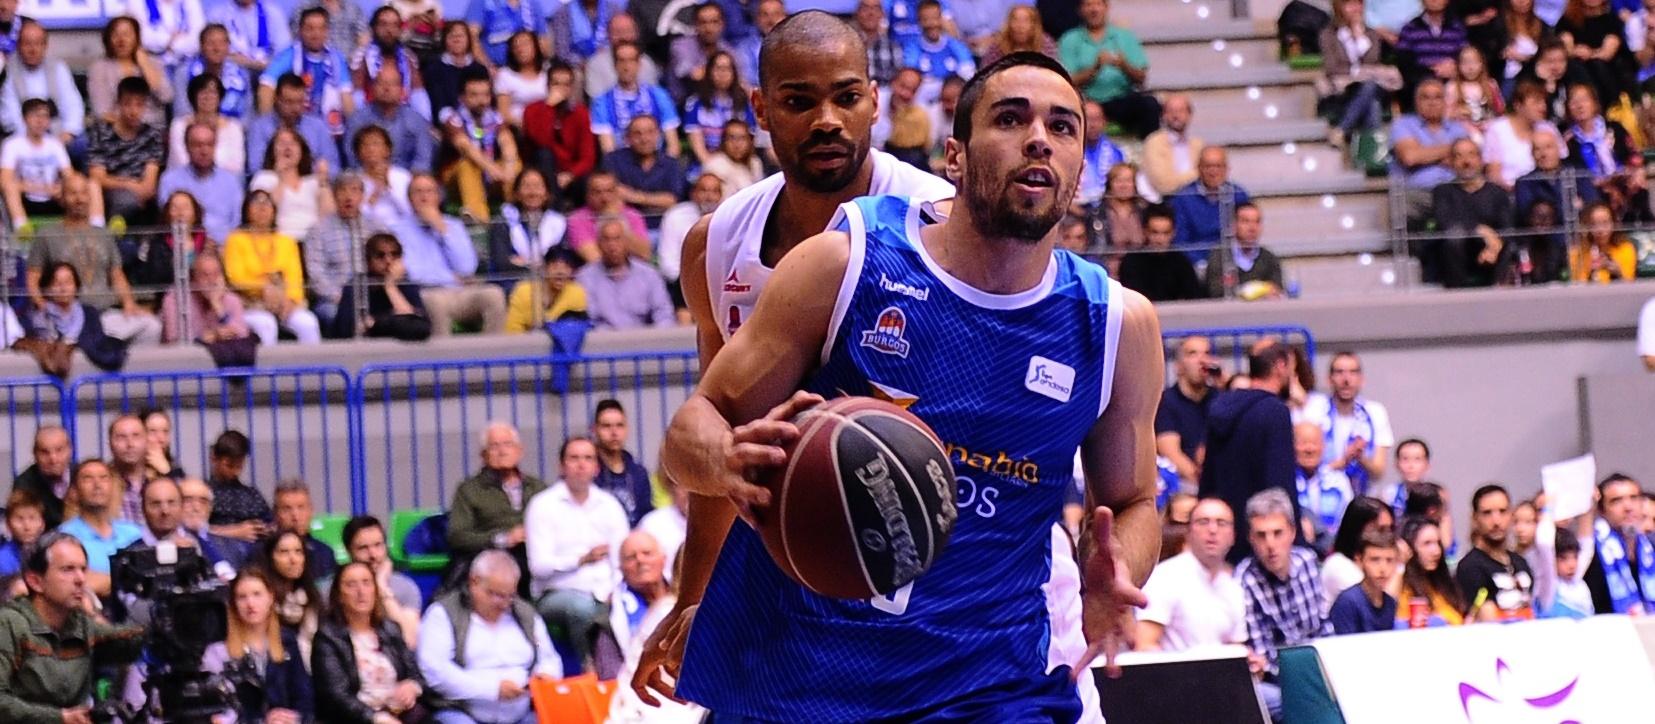 El tinerfeño Álex López consigue con Burgos la permanencia en ACB una temporada más